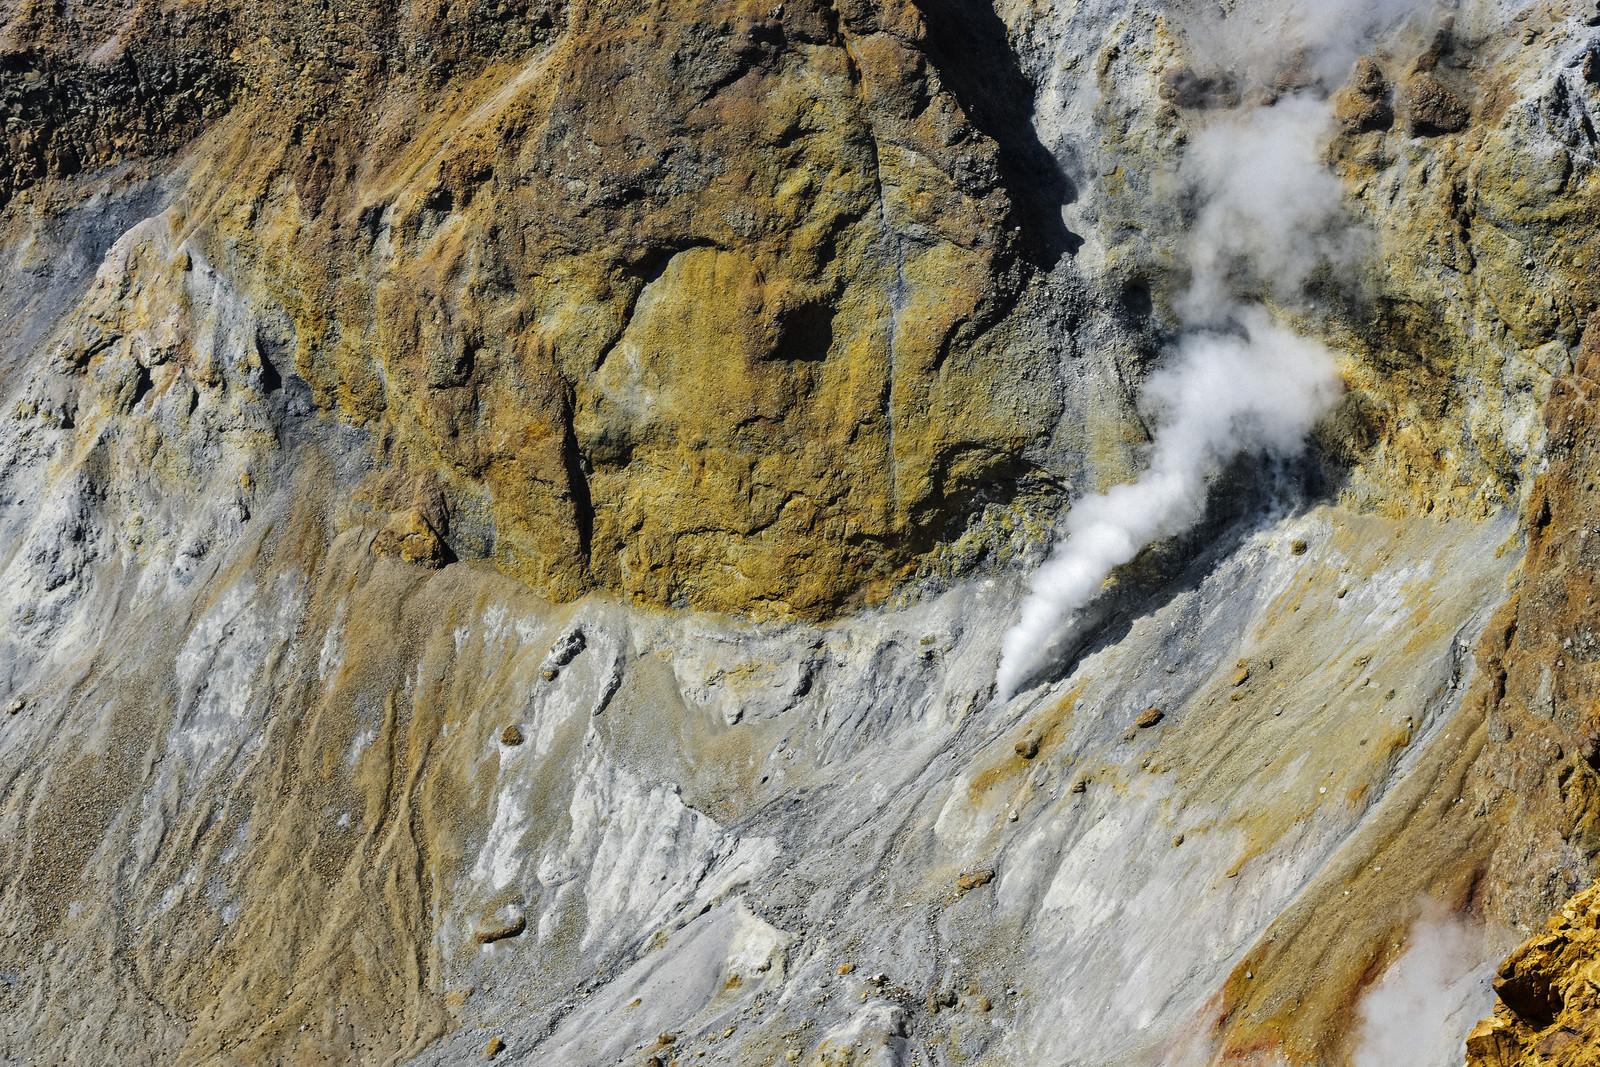 「雌阿寒岳火口の噴煙(北海道釧路市)」の写真